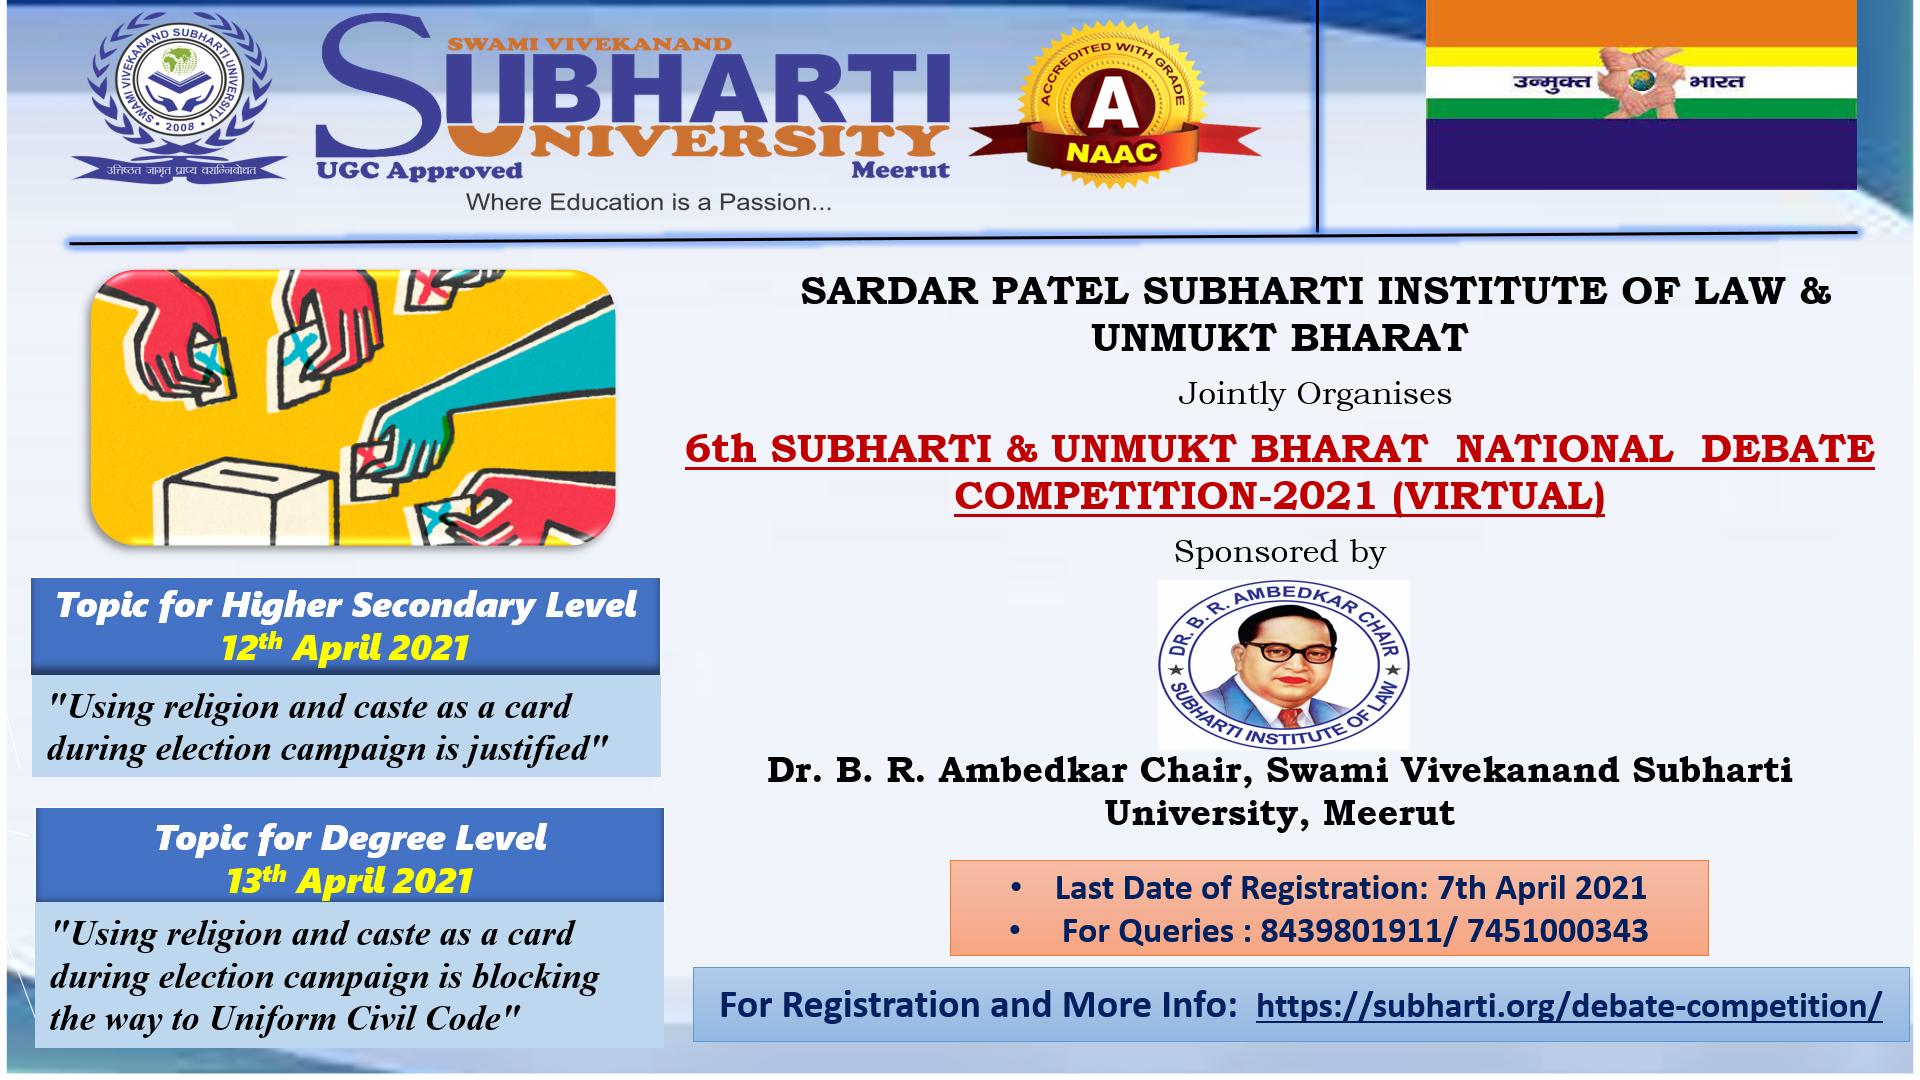 Sardar Patel Subharti Institute of Law Debate Competition